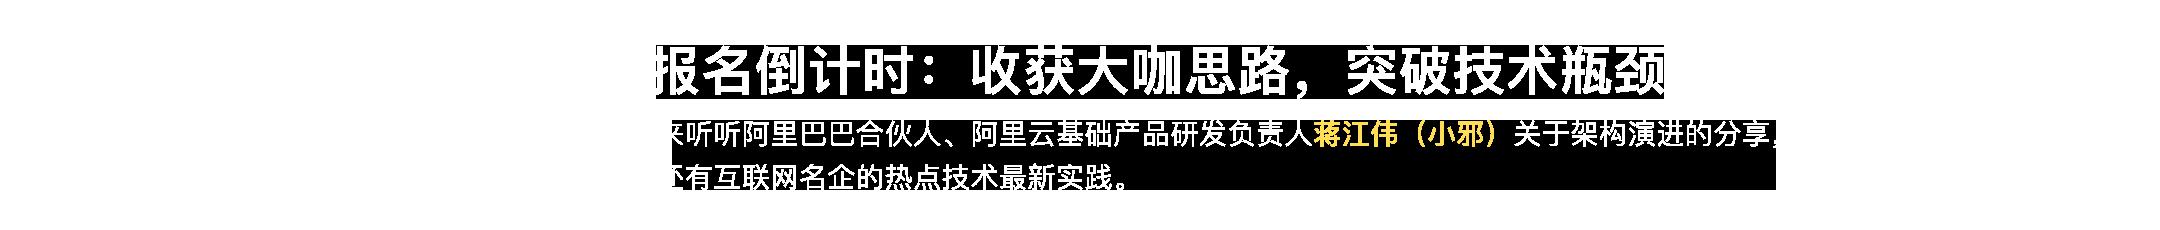 geo-banner